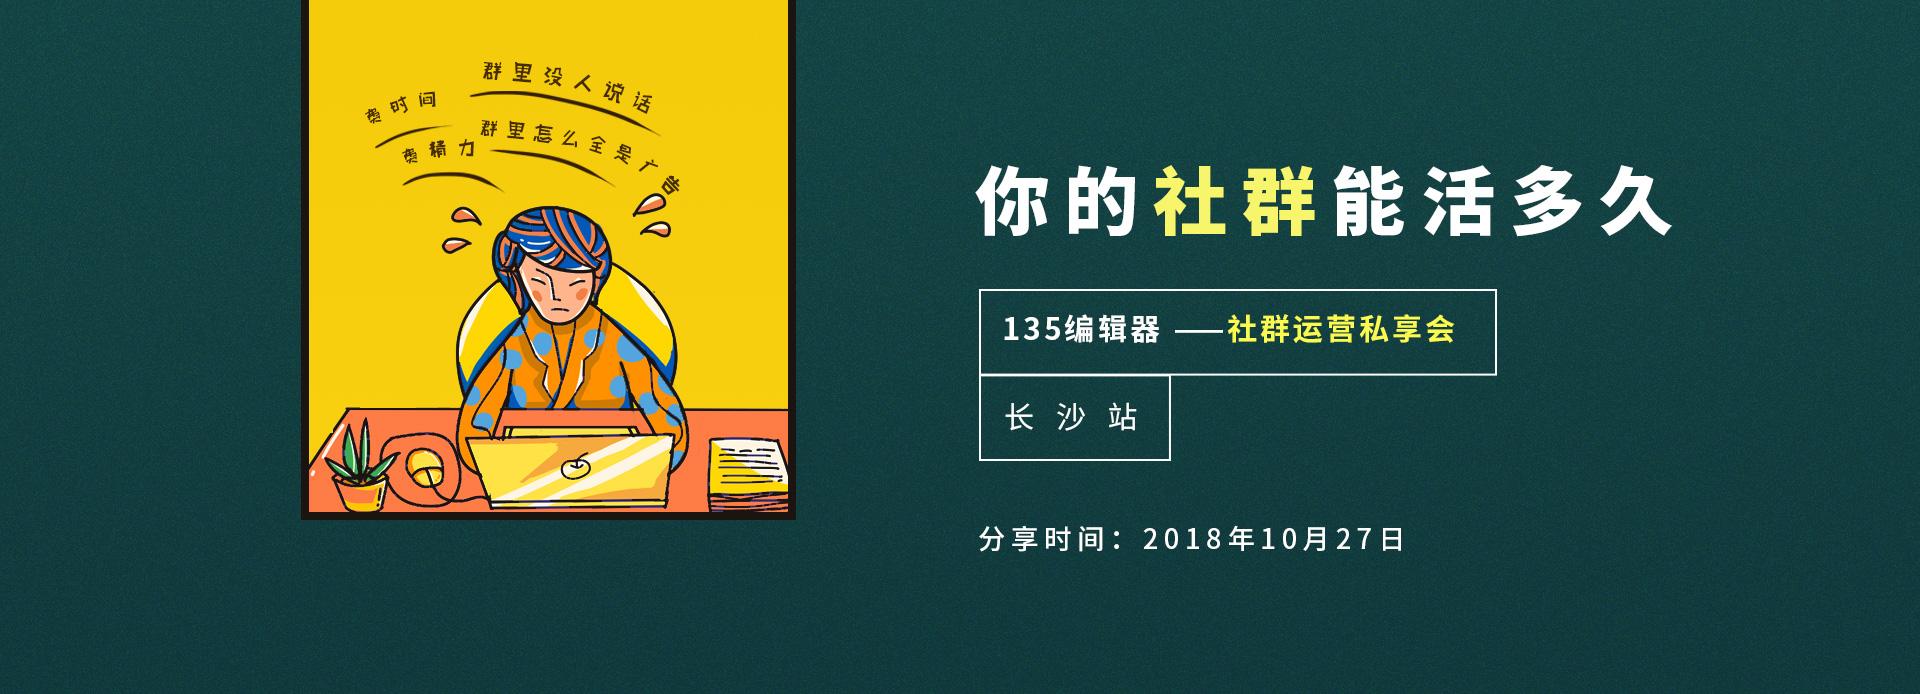 135編輯器 — 社群運營私享會(長沙站)